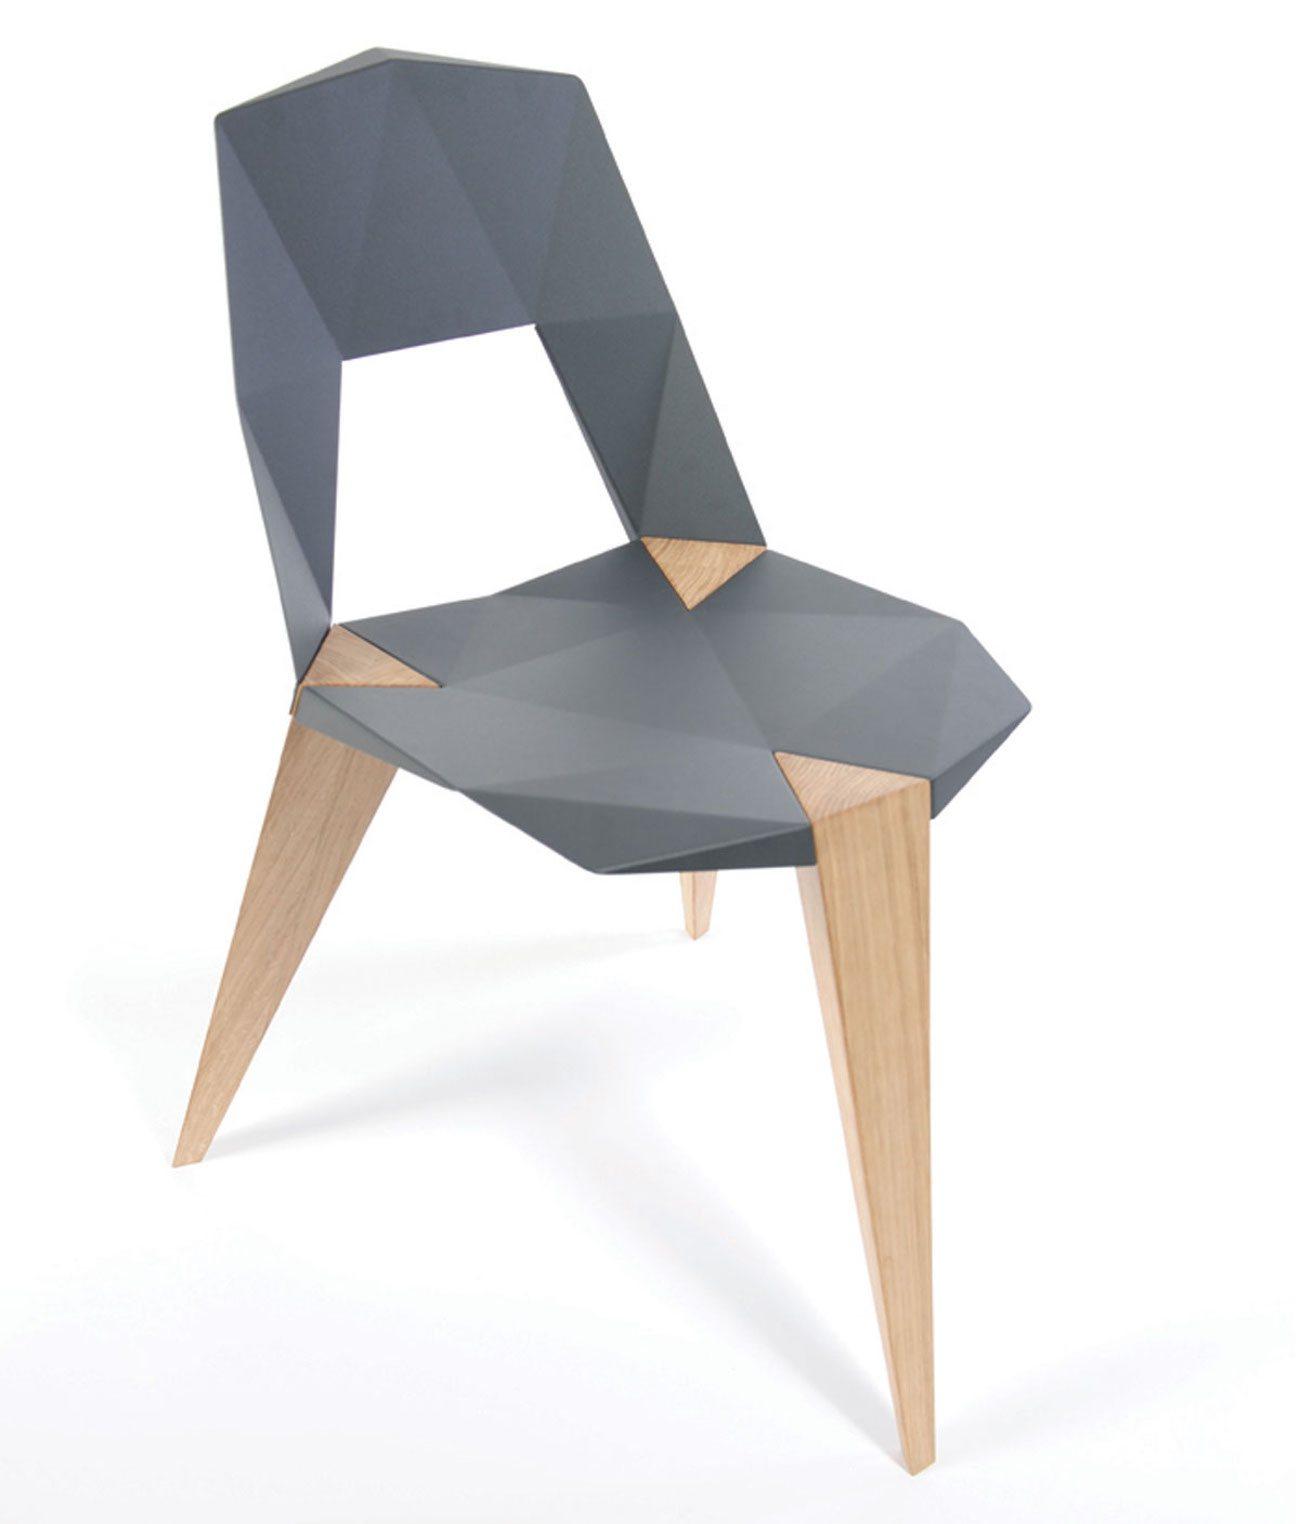 pythagoras-chair-by-sander-mulder-02